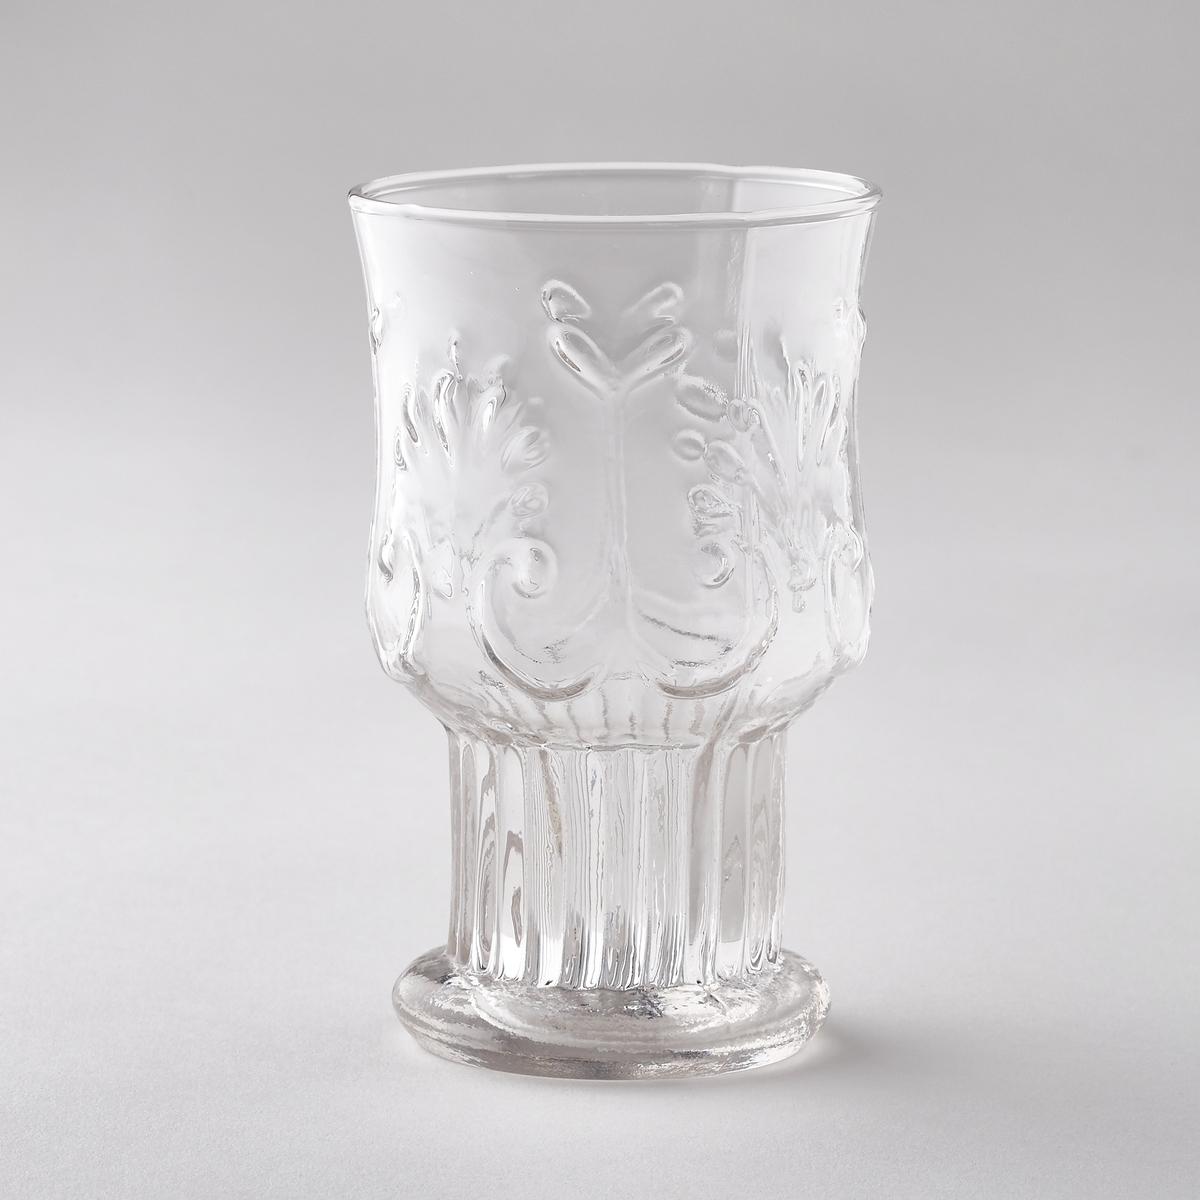 Комплект из 4 бокалов для воды Uzzeni